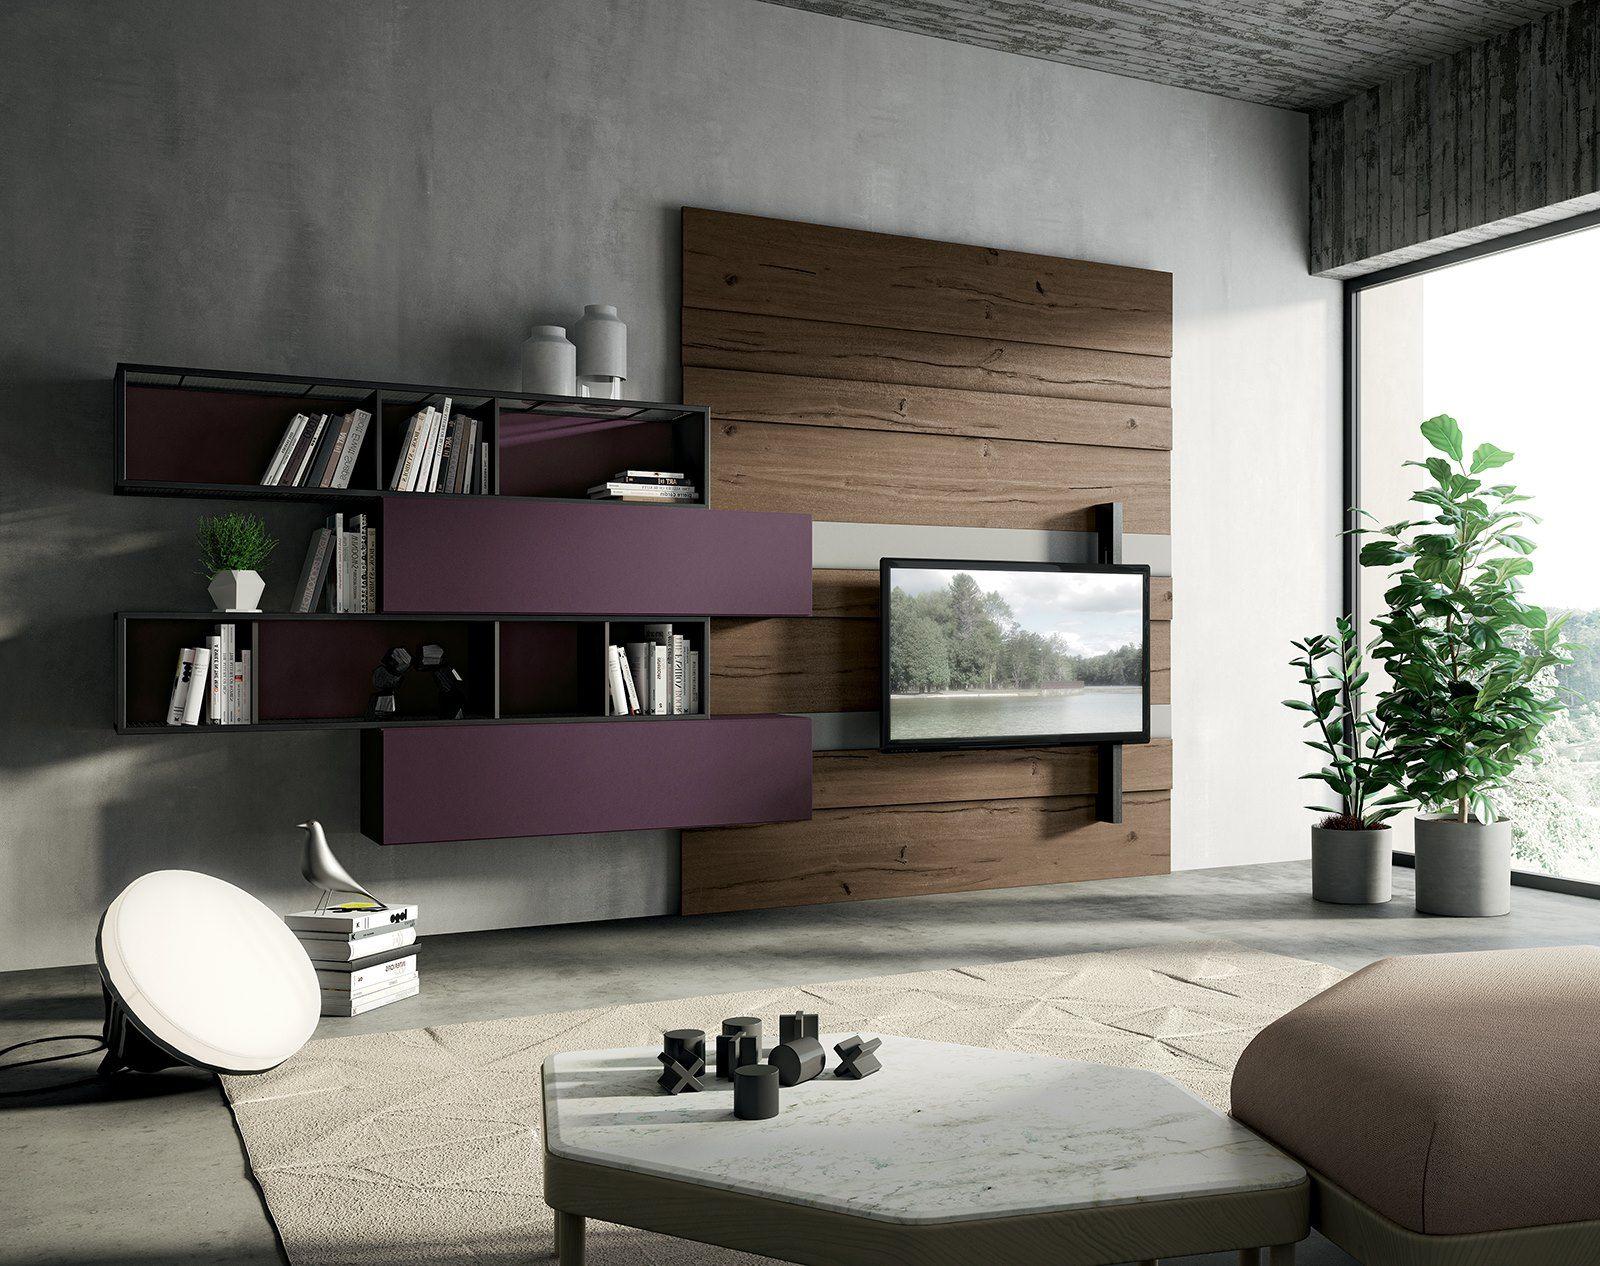 Fimar Mobili soggiorno con Boiserie in legno di olmo | Arredamento ...